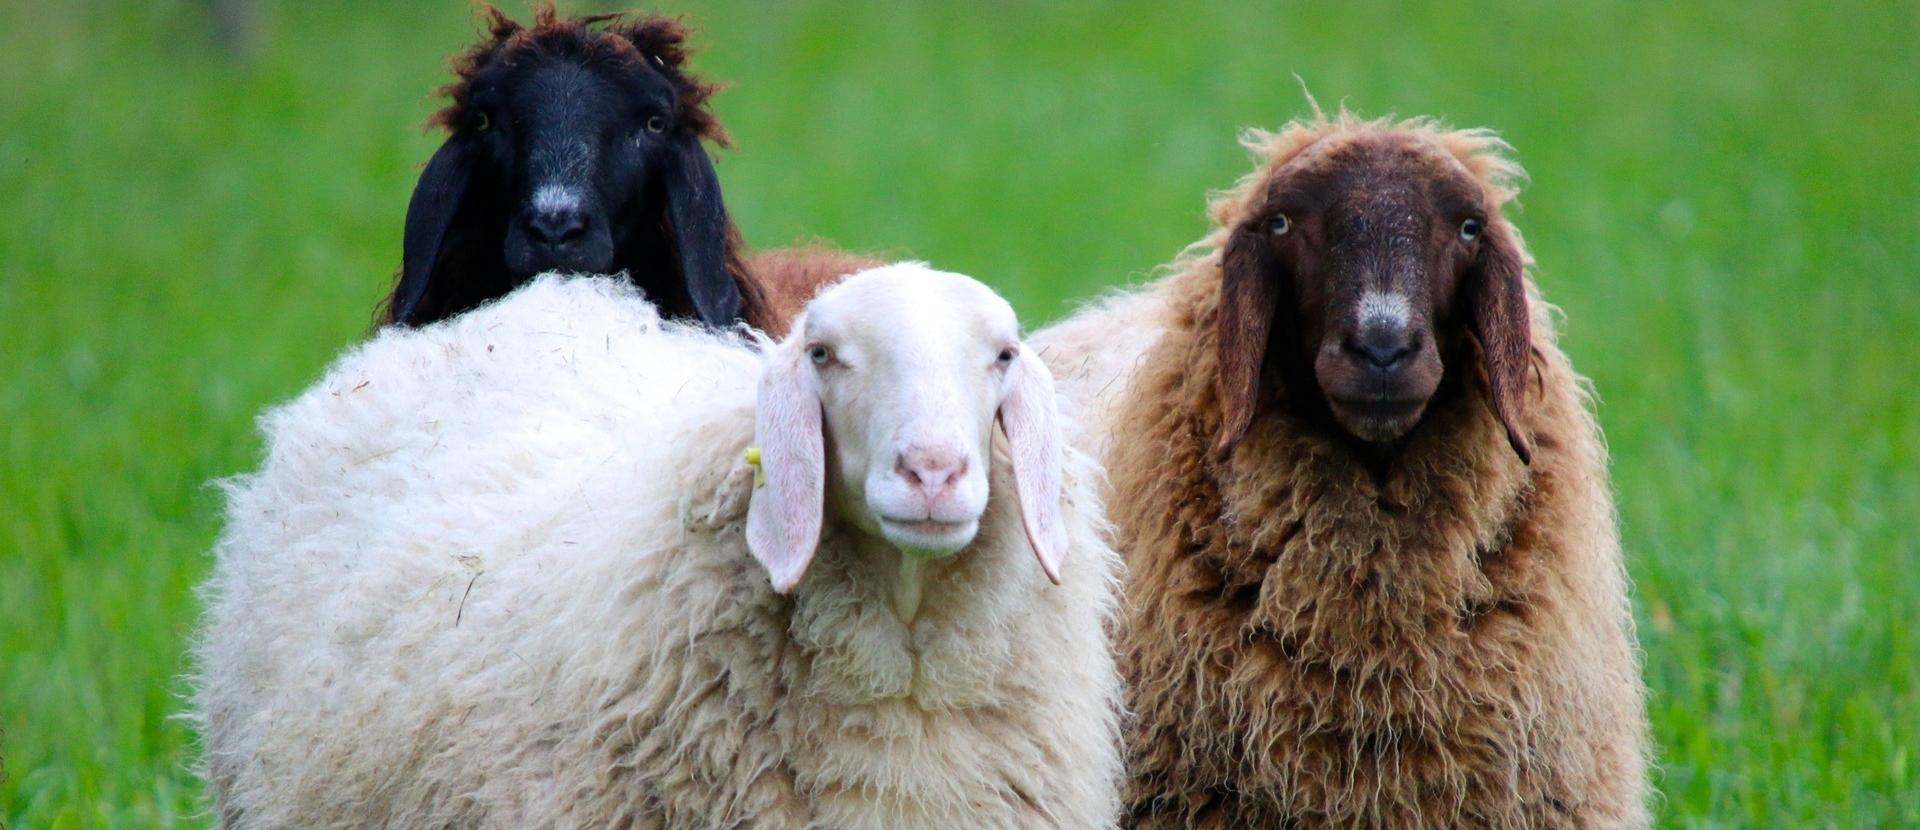 Waarom worden schapen geschoren?